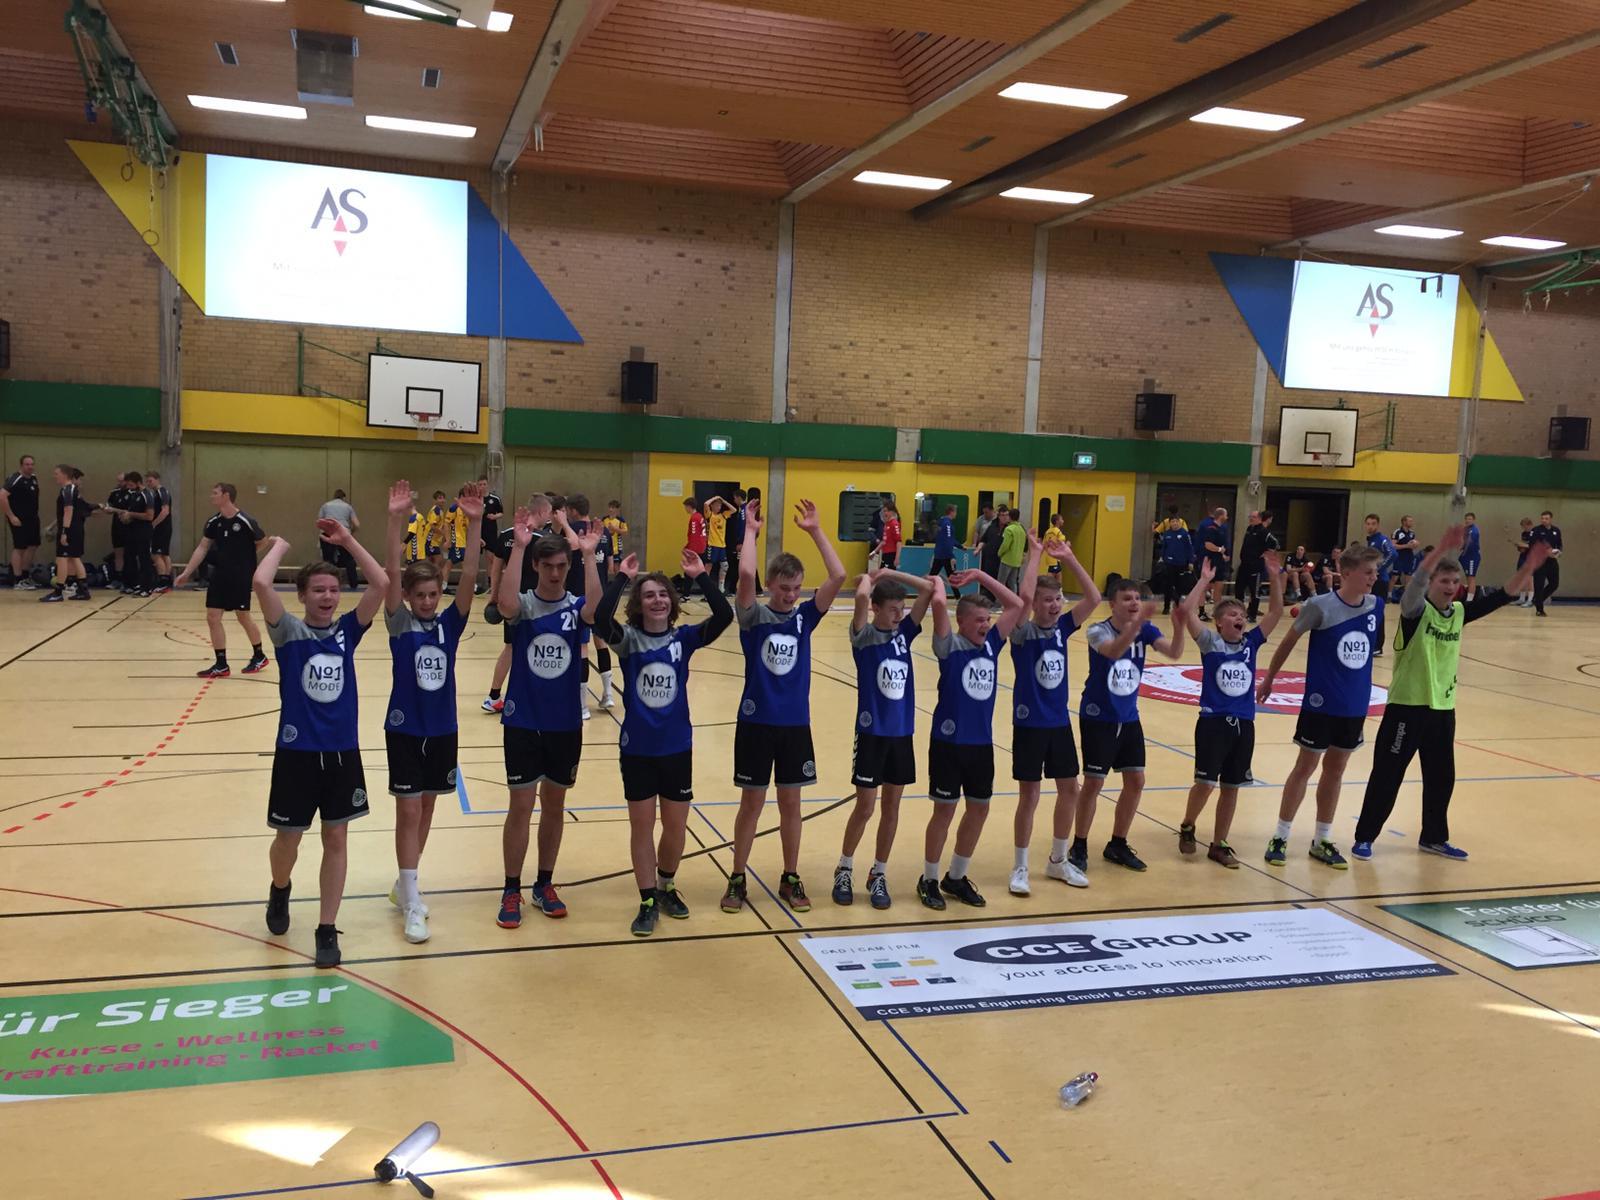 Männliche C1 gewinnt knapp ihr Auswärtsspiel gegen TV Bissendorf-Holte